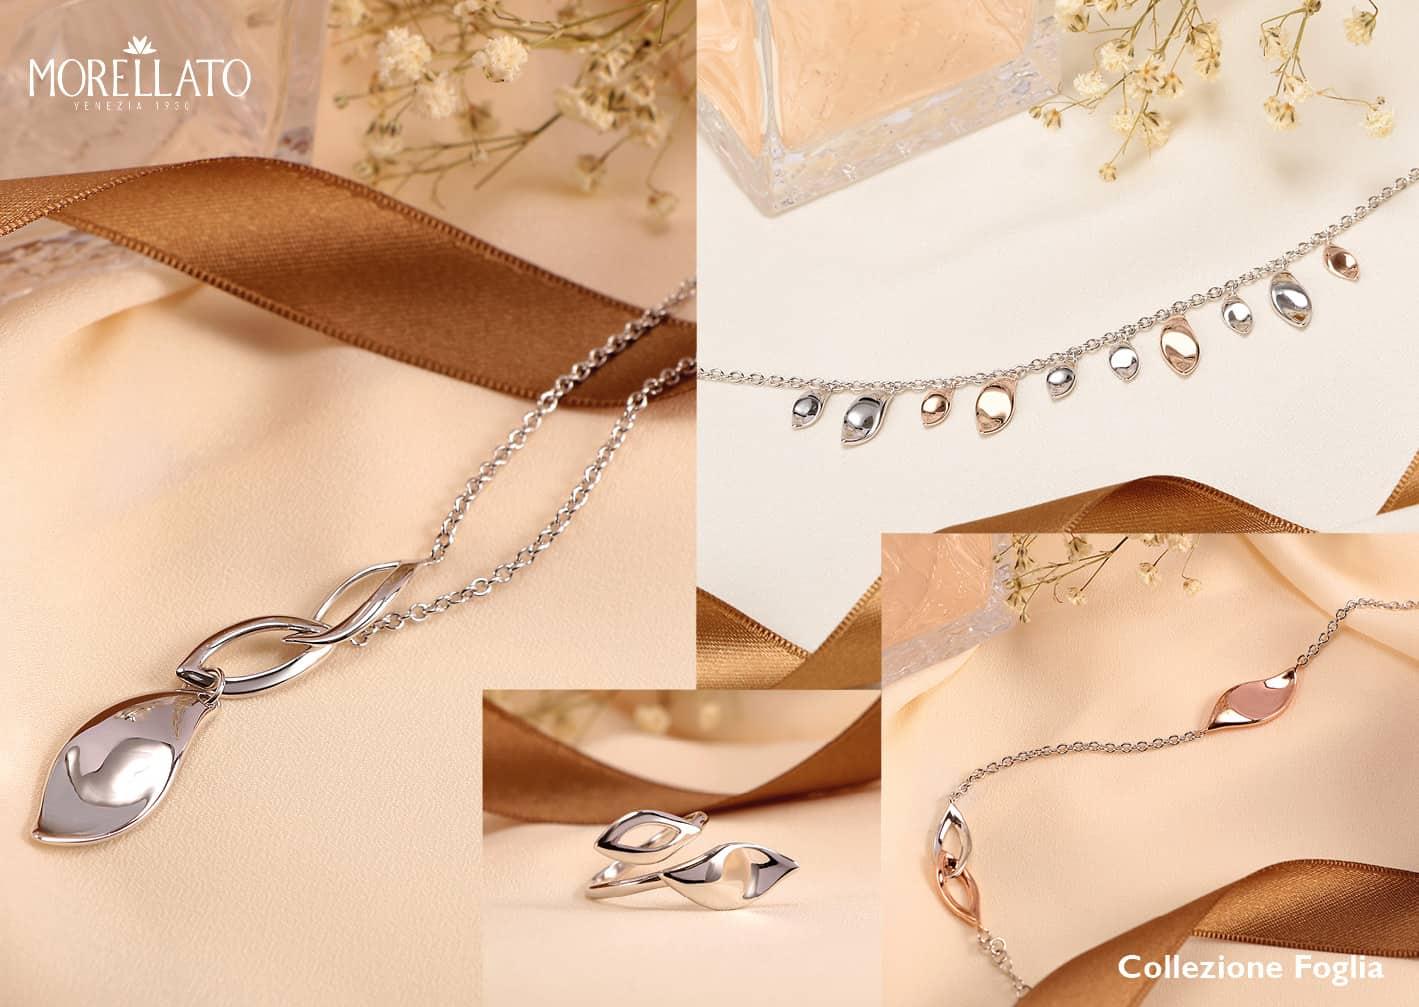 Morellato, arrivate le nuove collezioni gioielli e orologi